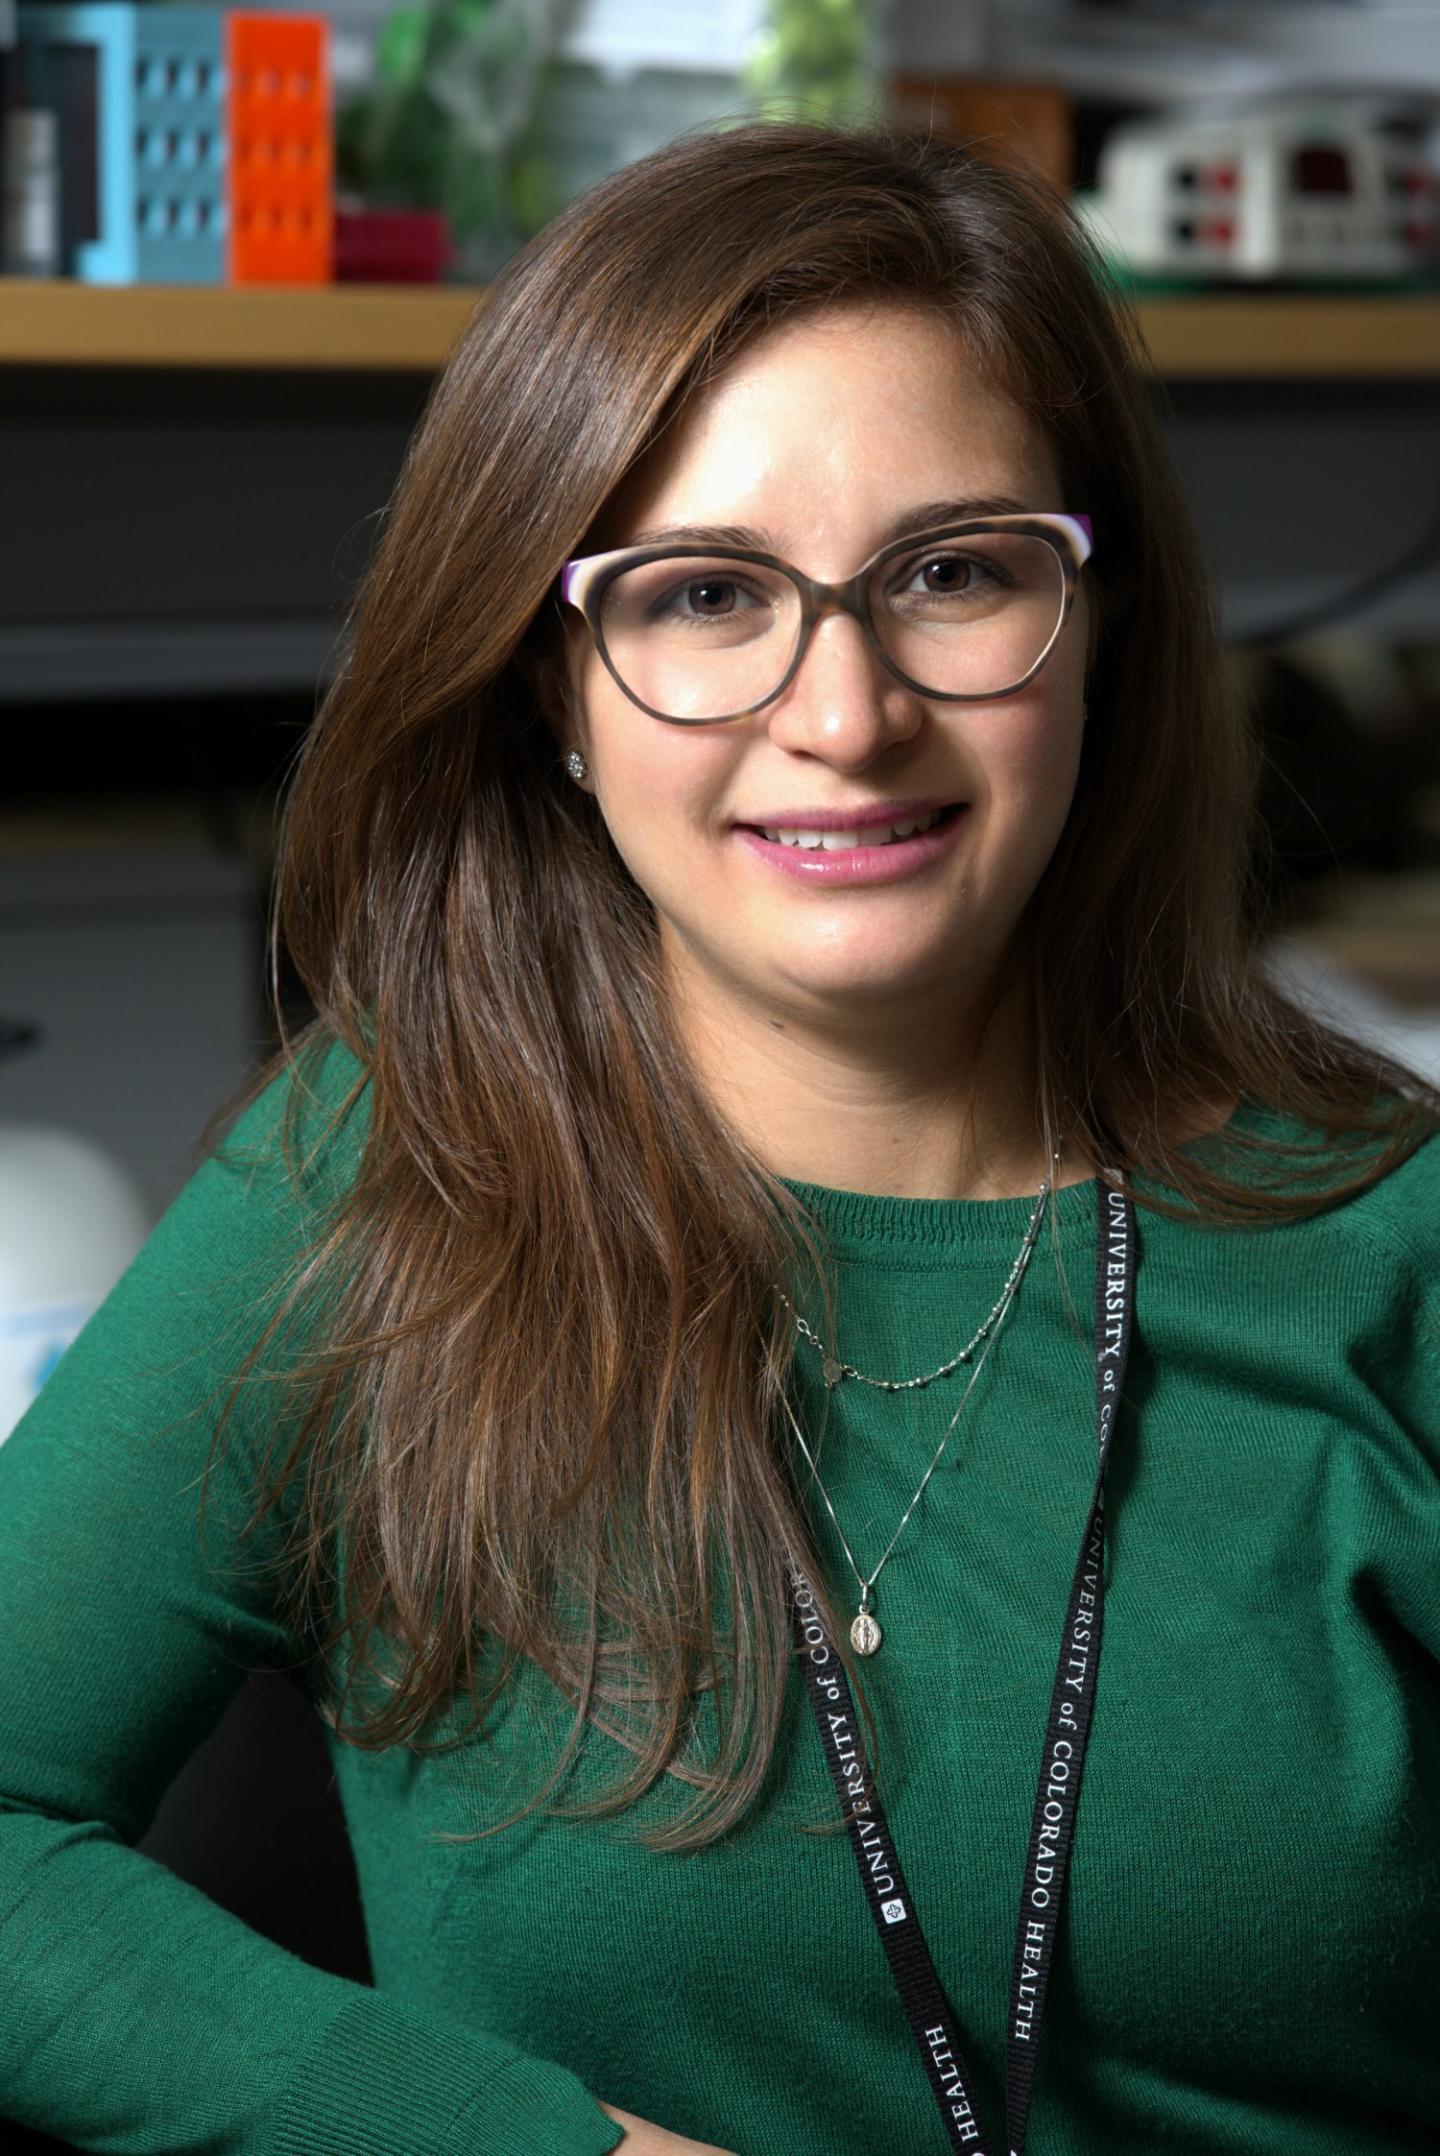 Anna Capasso, University of Colorado Cancer Center